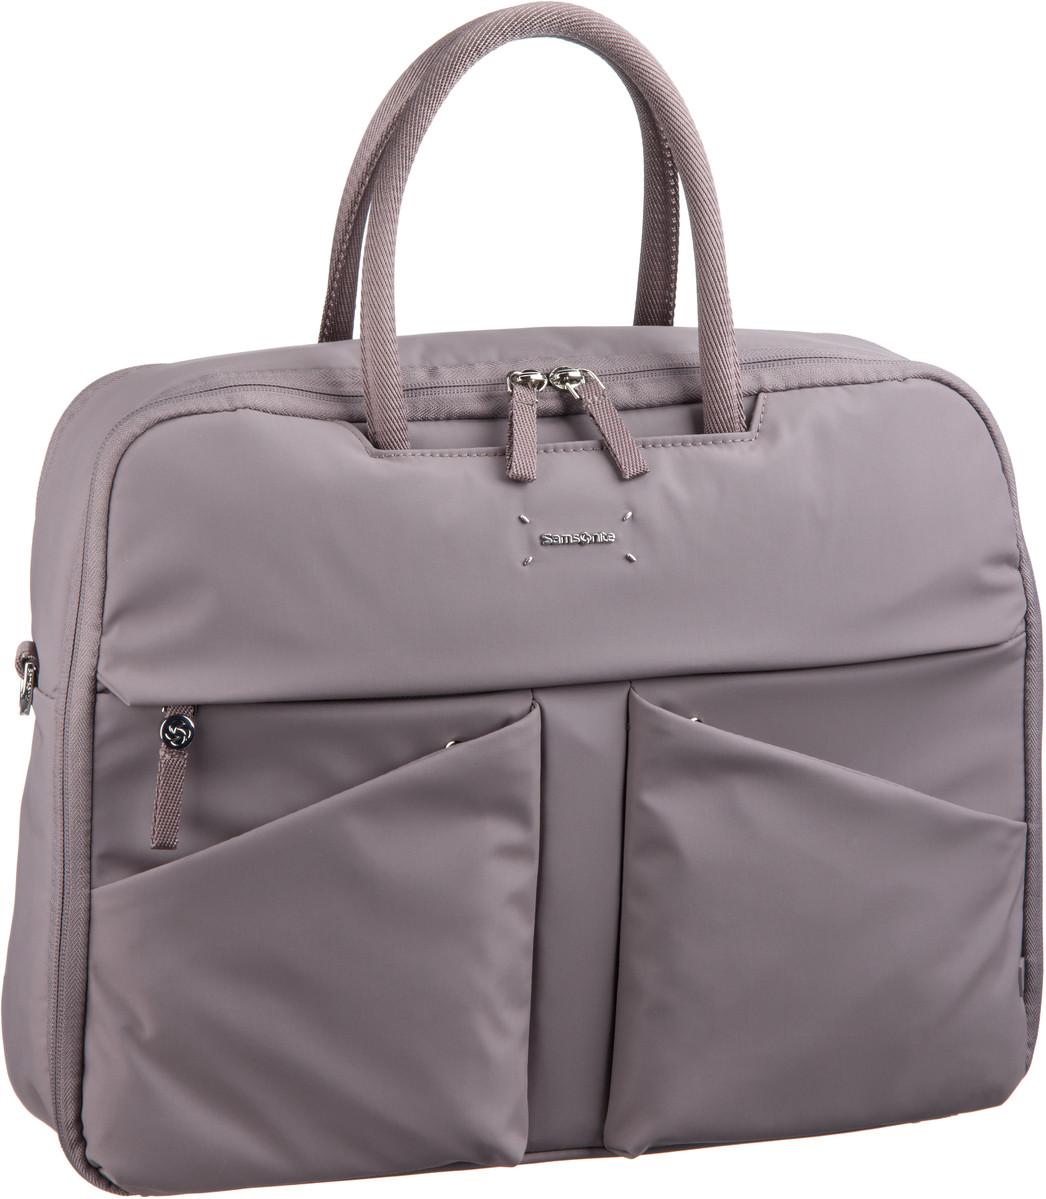 Businesstaschen für Frauen - Samsonite Lady Tech Bailhandle 15.6'' Smoke Aktentasche  - Onlineshop Taschenkaufhaus